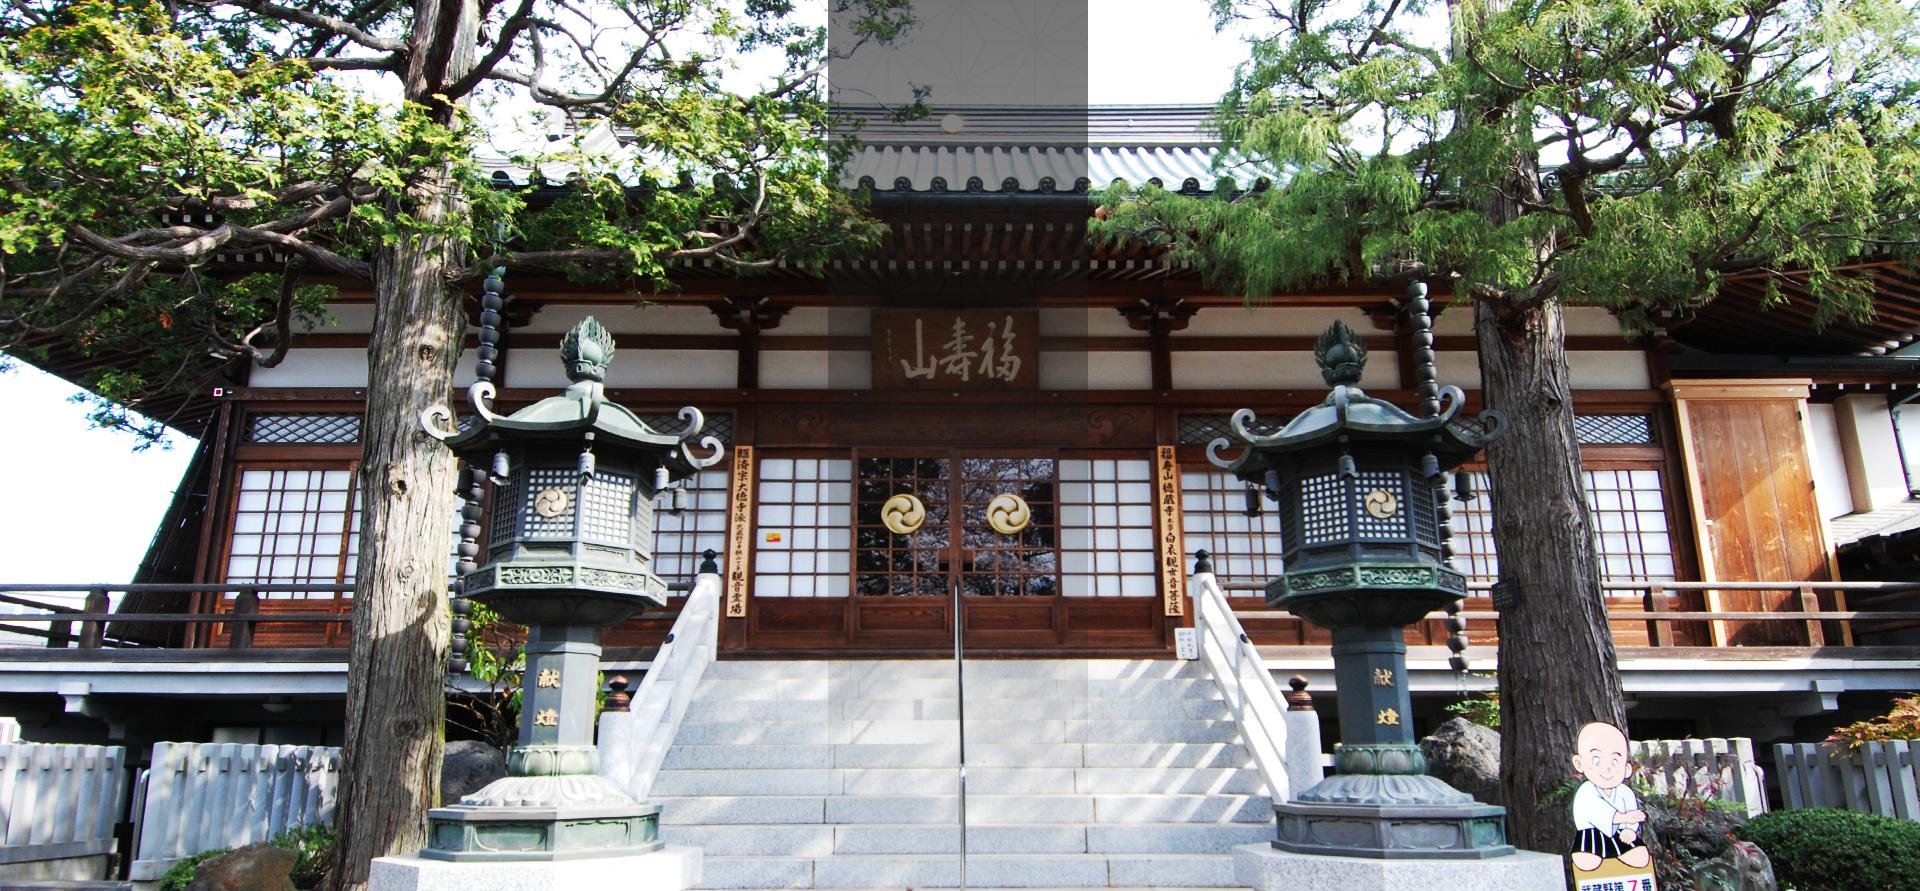 東京都東村山市にある徳蔵寺は重要文化財に囲まれた臨済宗のお寺です。